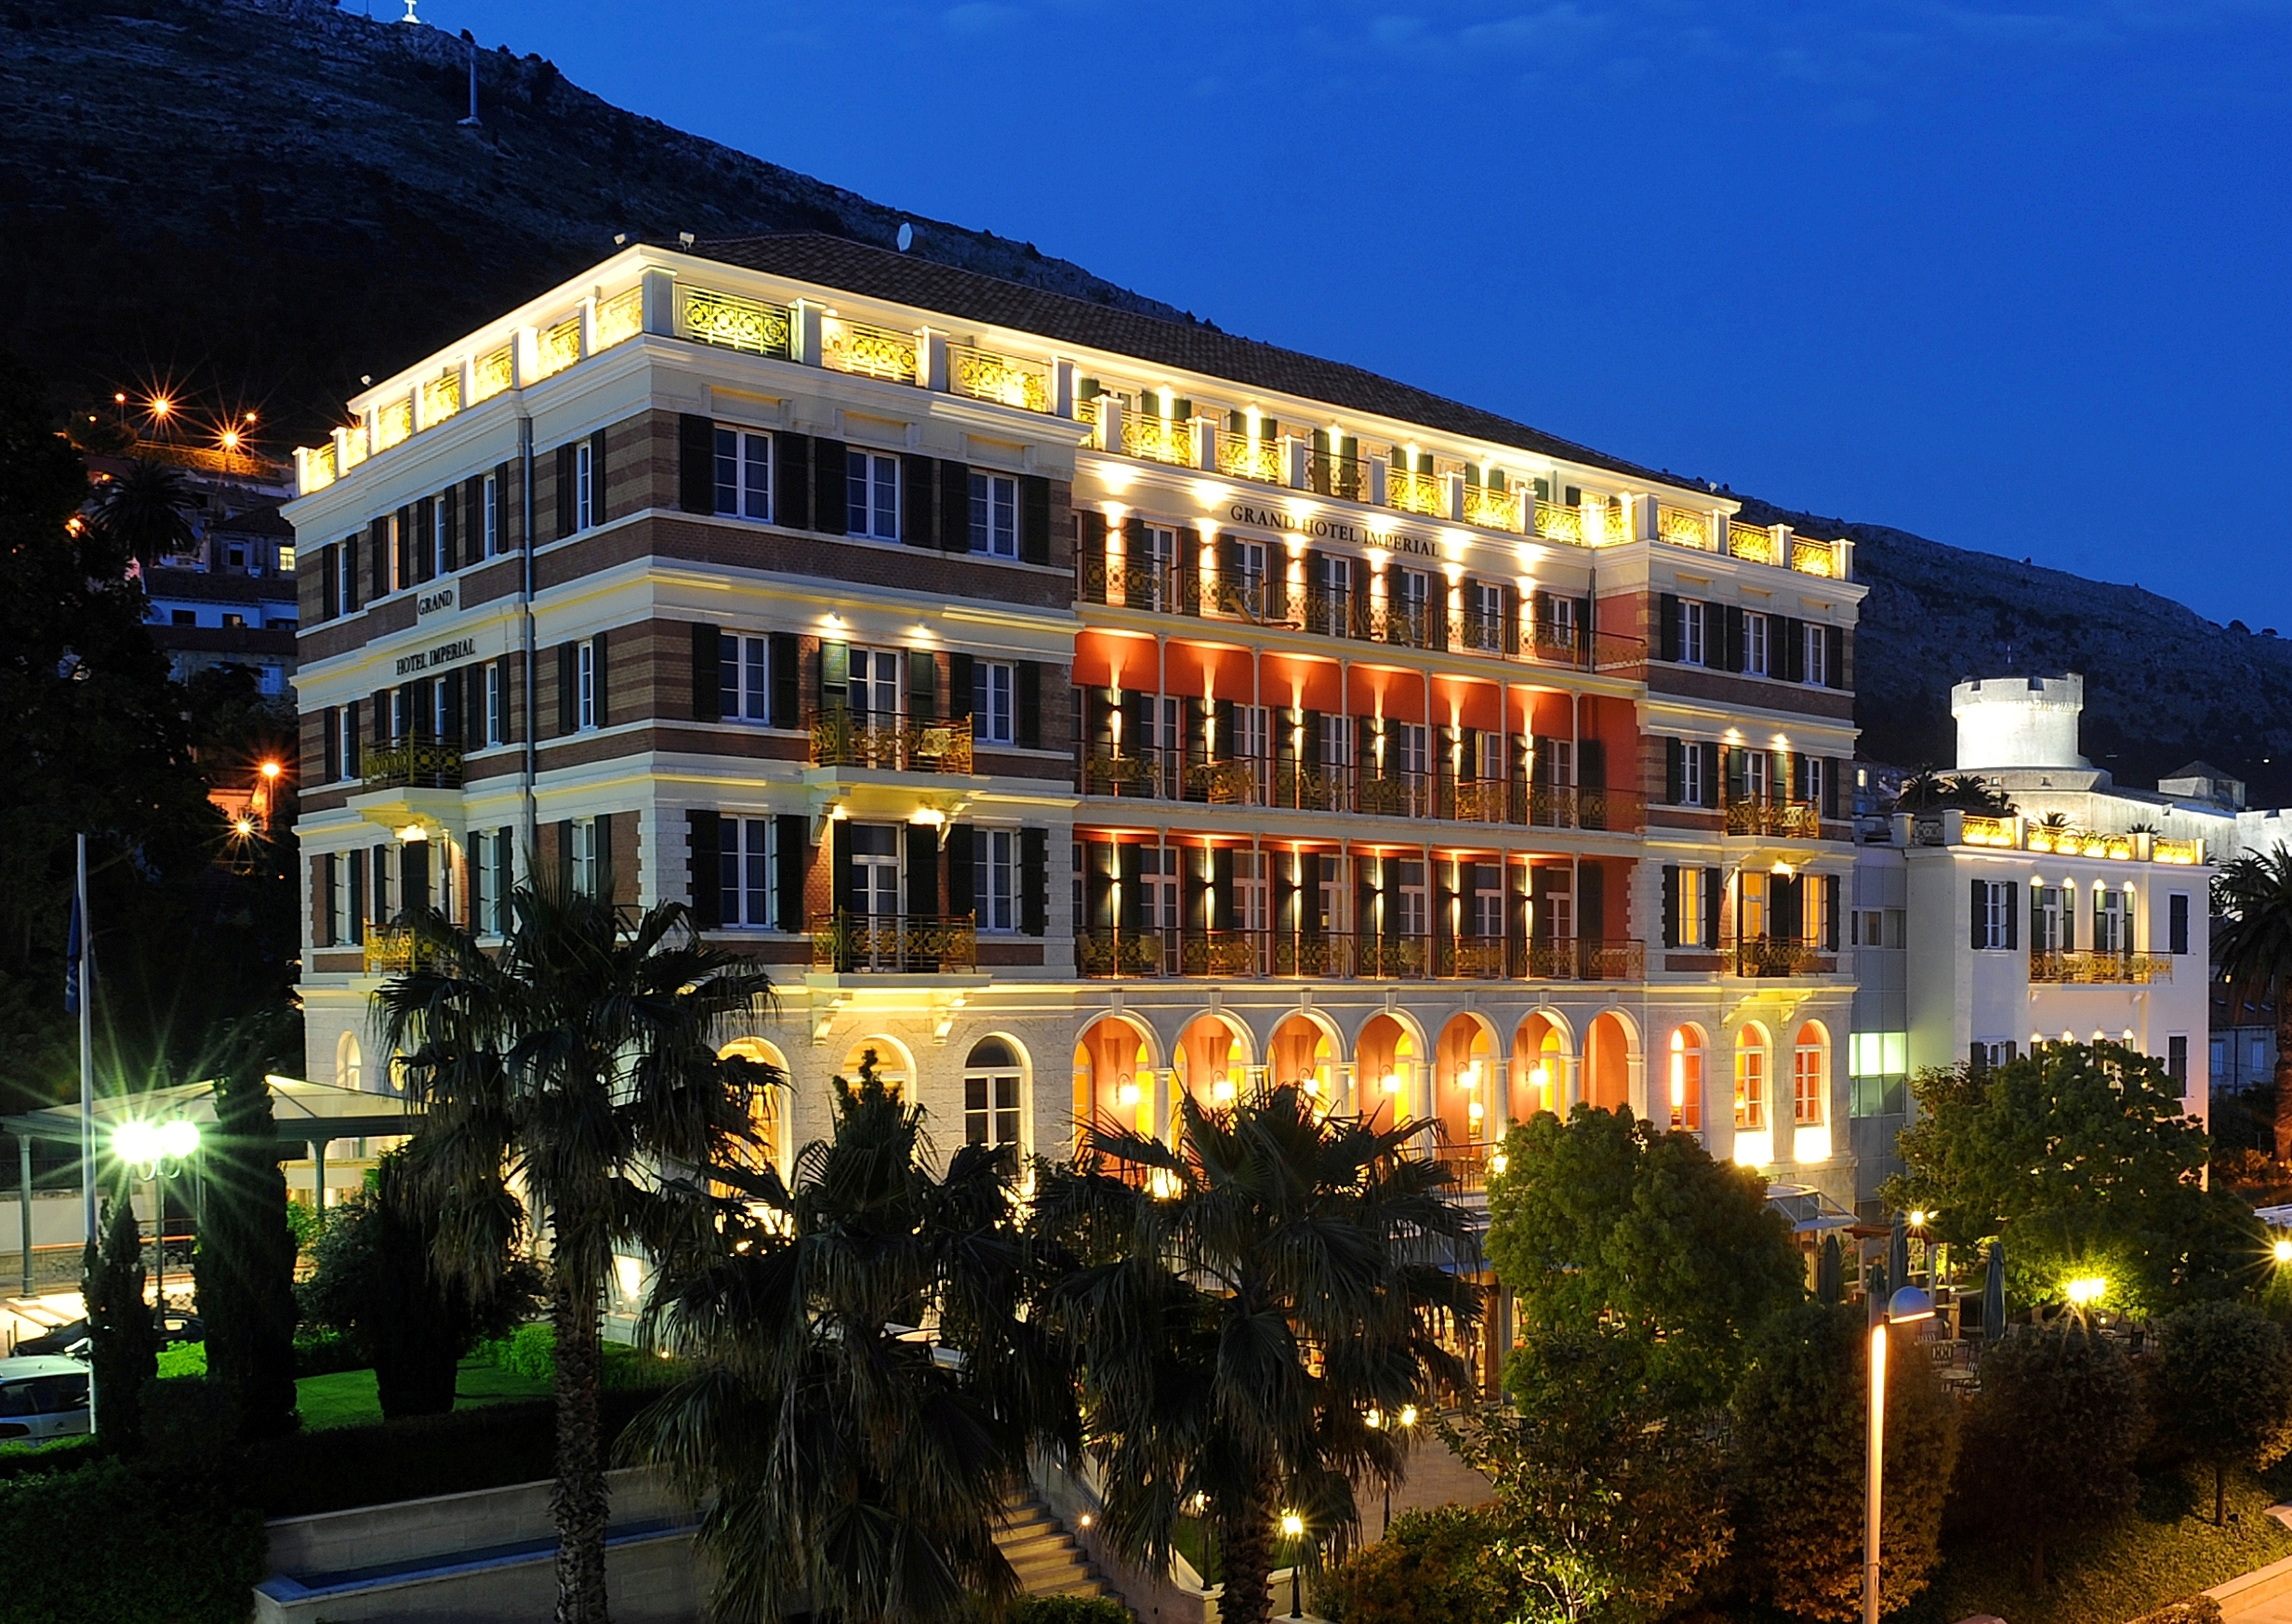 Plaza Hotel Bari Italy